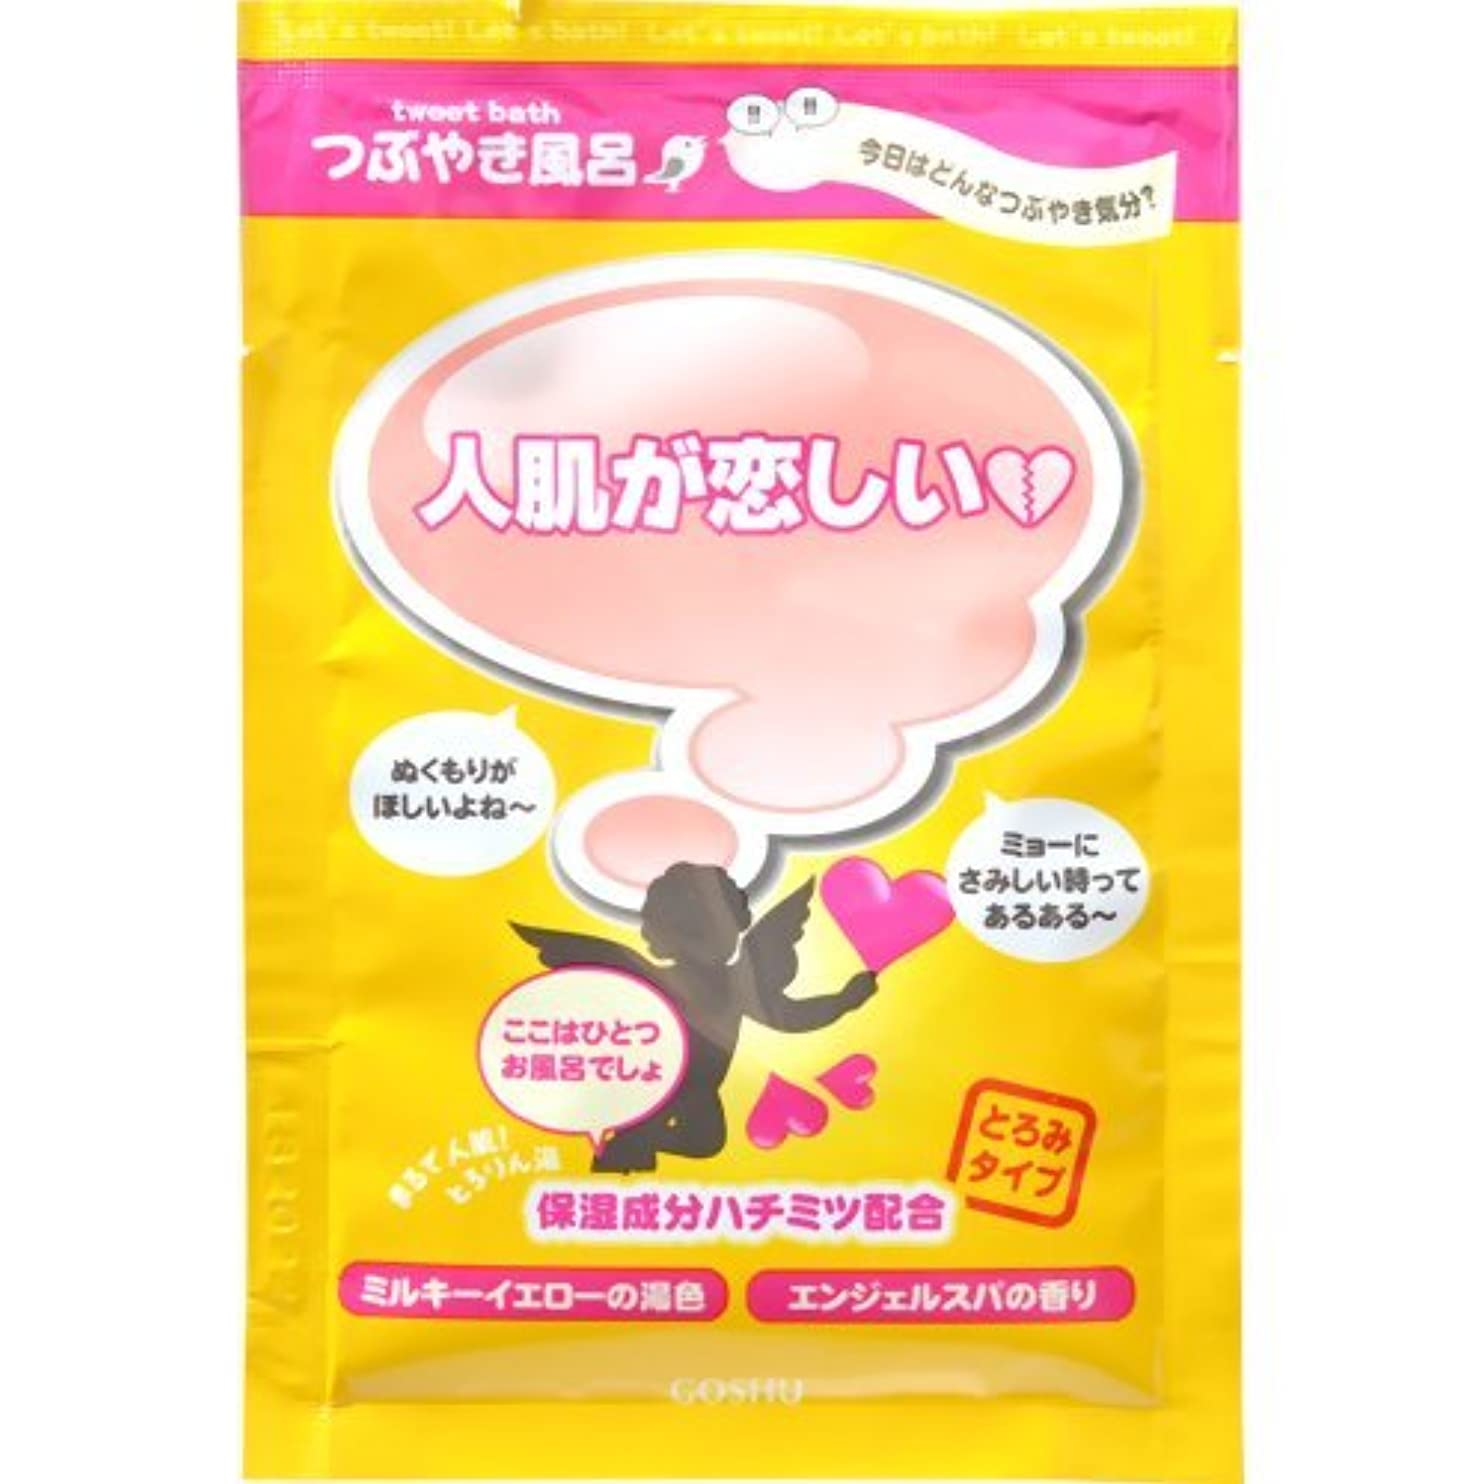 五洲薬品 つぶやき風呂 人肌が恋しい エンジェルスパの香り 25g